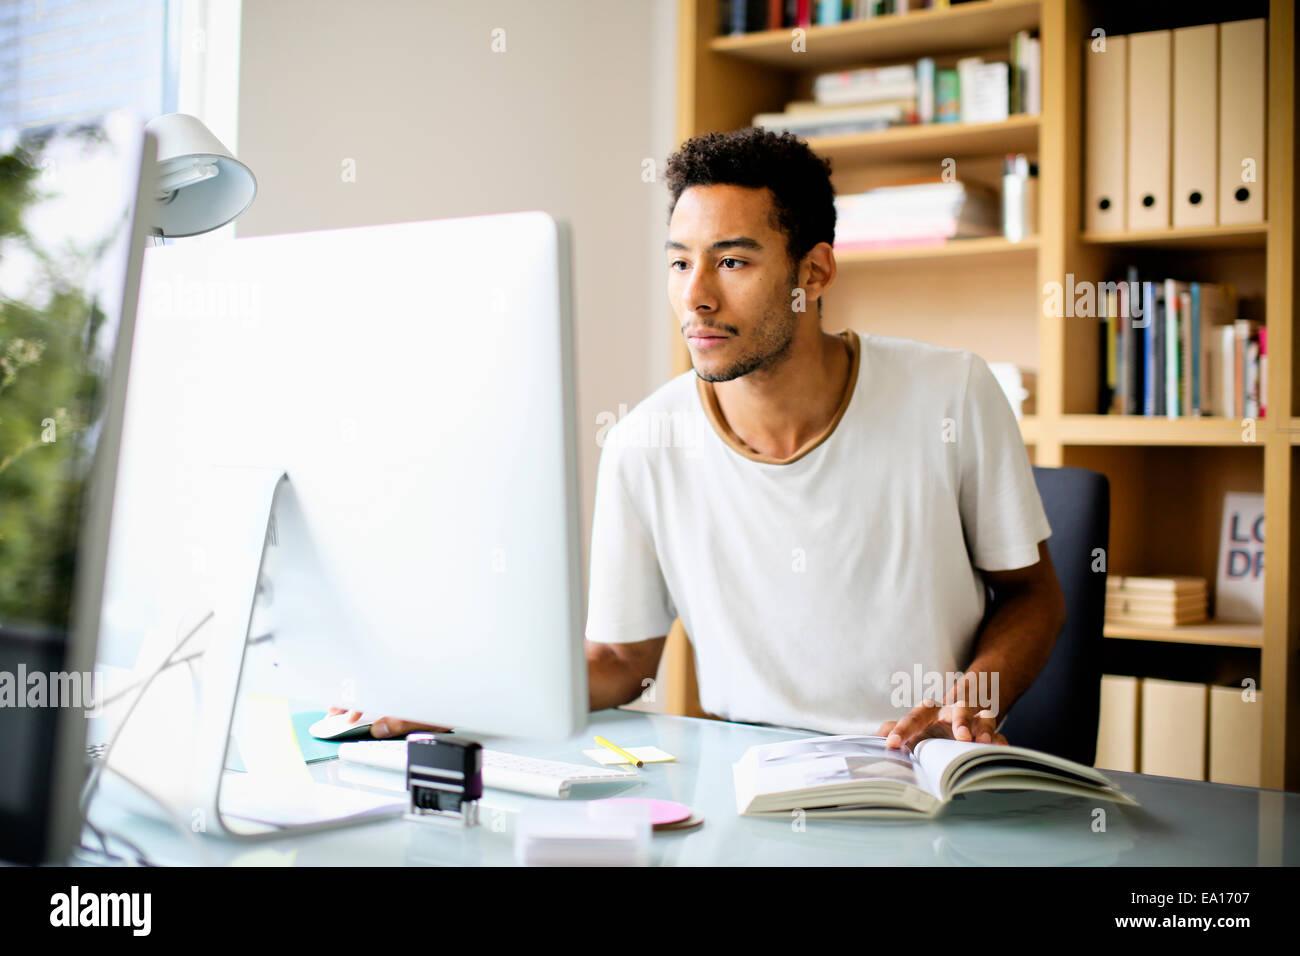 Diseñador gráfico utilizando el ordenador en el trabajo Imagen De Stock